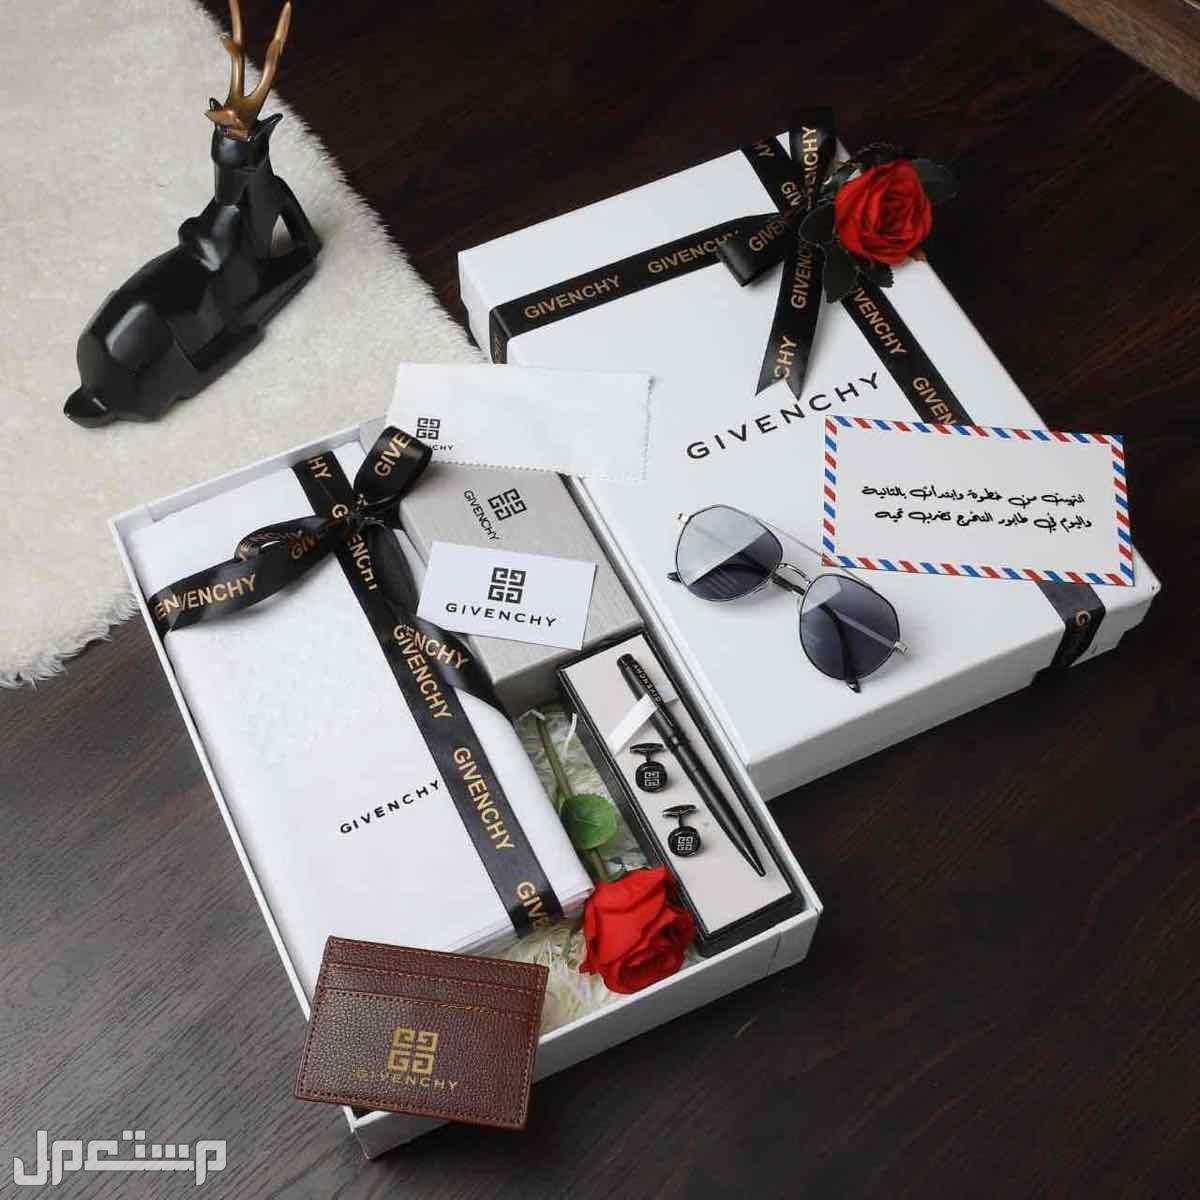 بوكس هدايا رجالي ملكي جيفنشي قوتشي قماش شماغ مشلح قلم كبك نظاره ميداليه